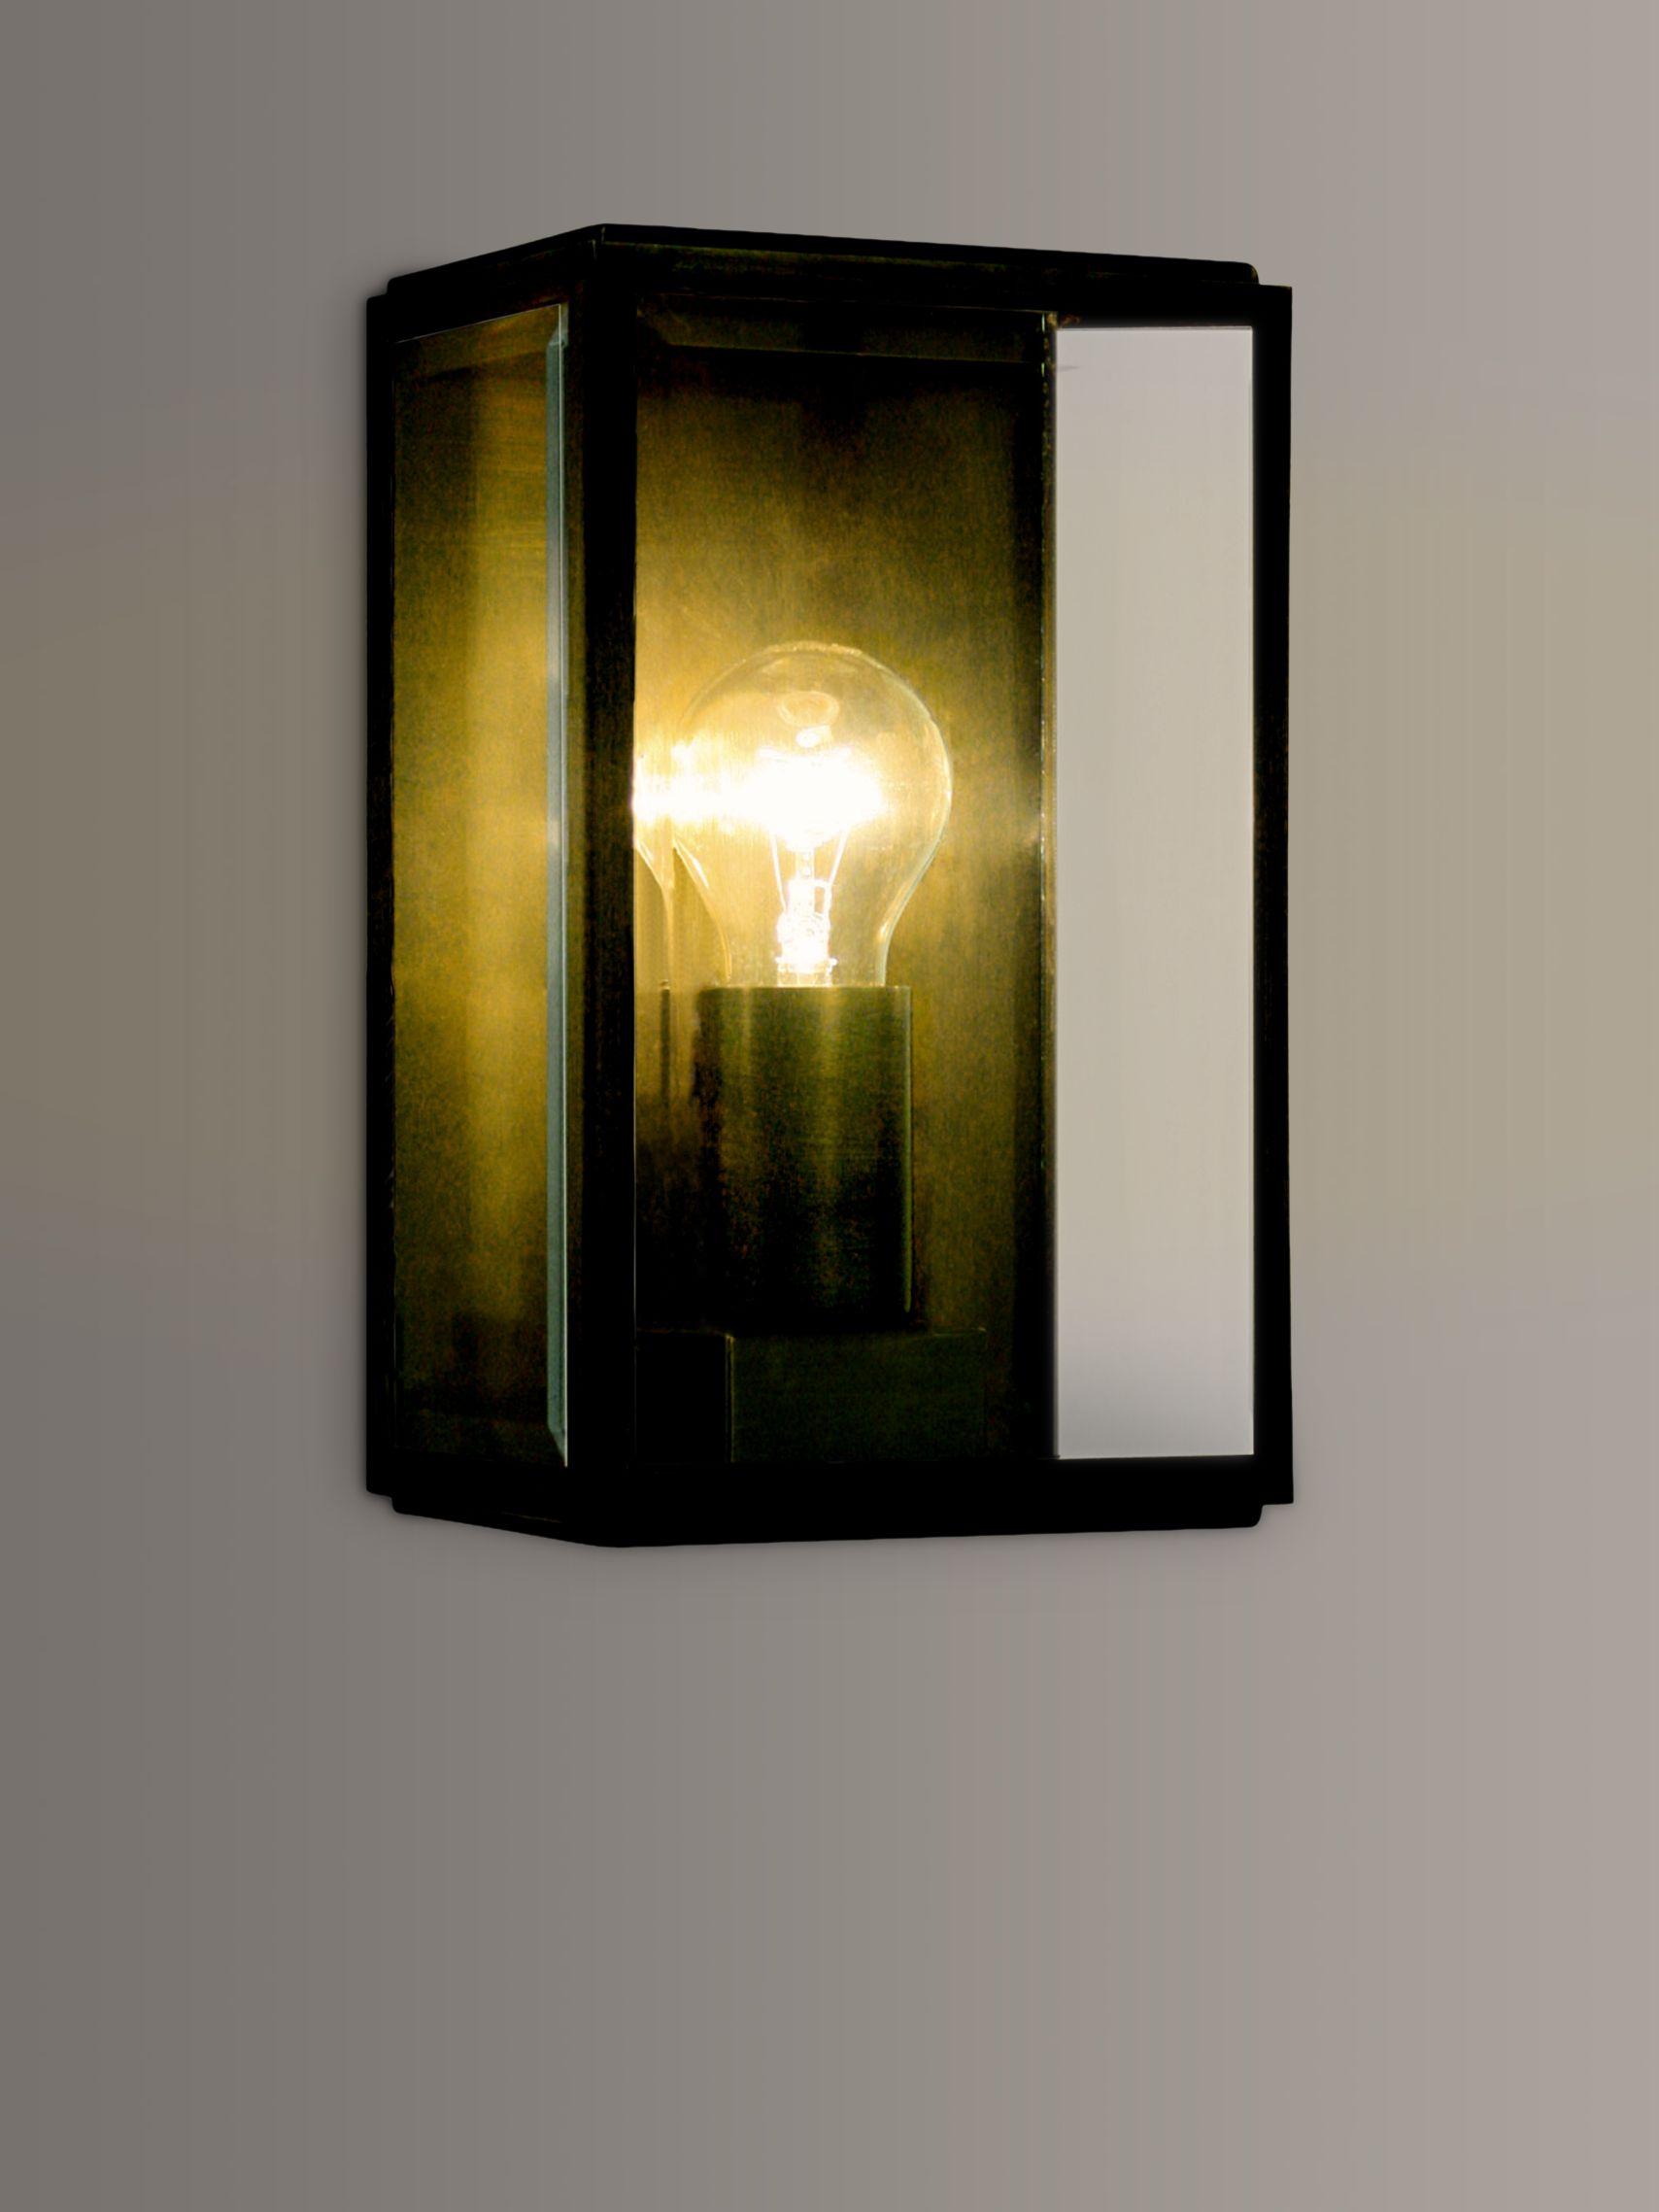 ASTRO Astro Homefield Outdoor Lantern, Black